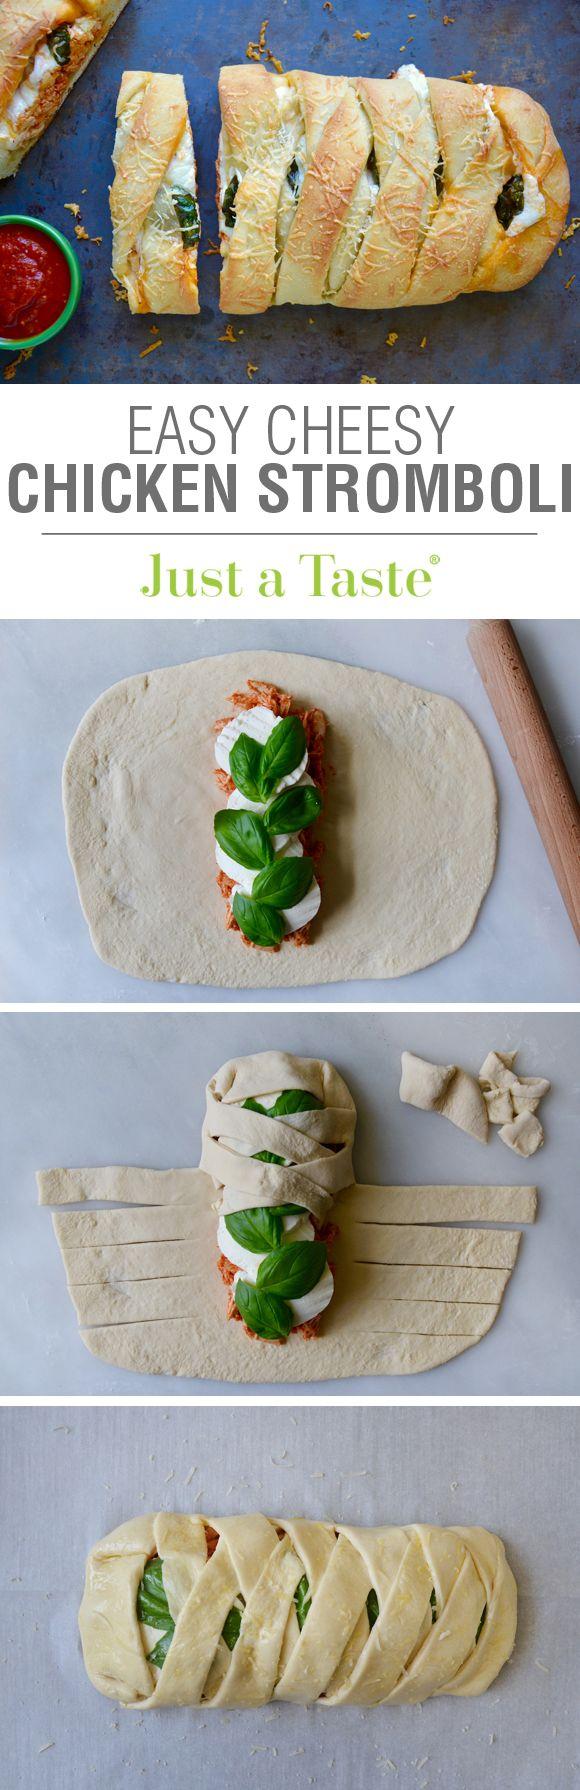 Schnell und einfach gemacht! Wenn man mal keine Lust auf kochen hat :-D